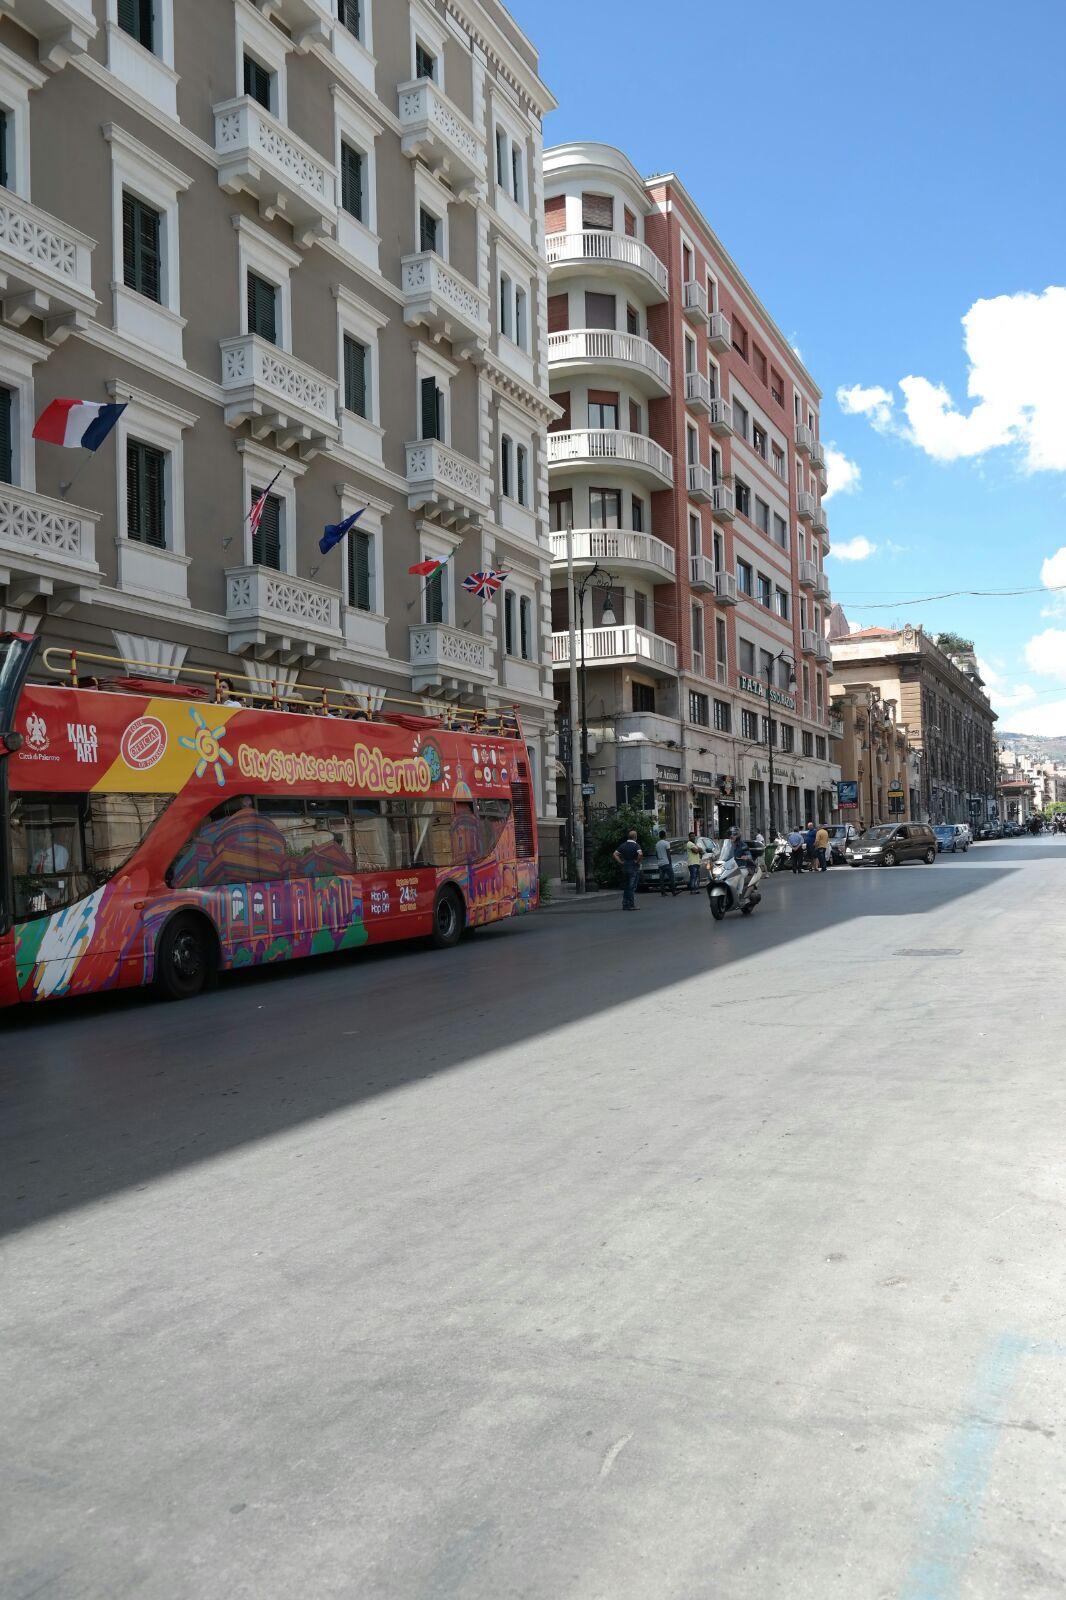 Bilocale Palermo Via Emerico Amari 1